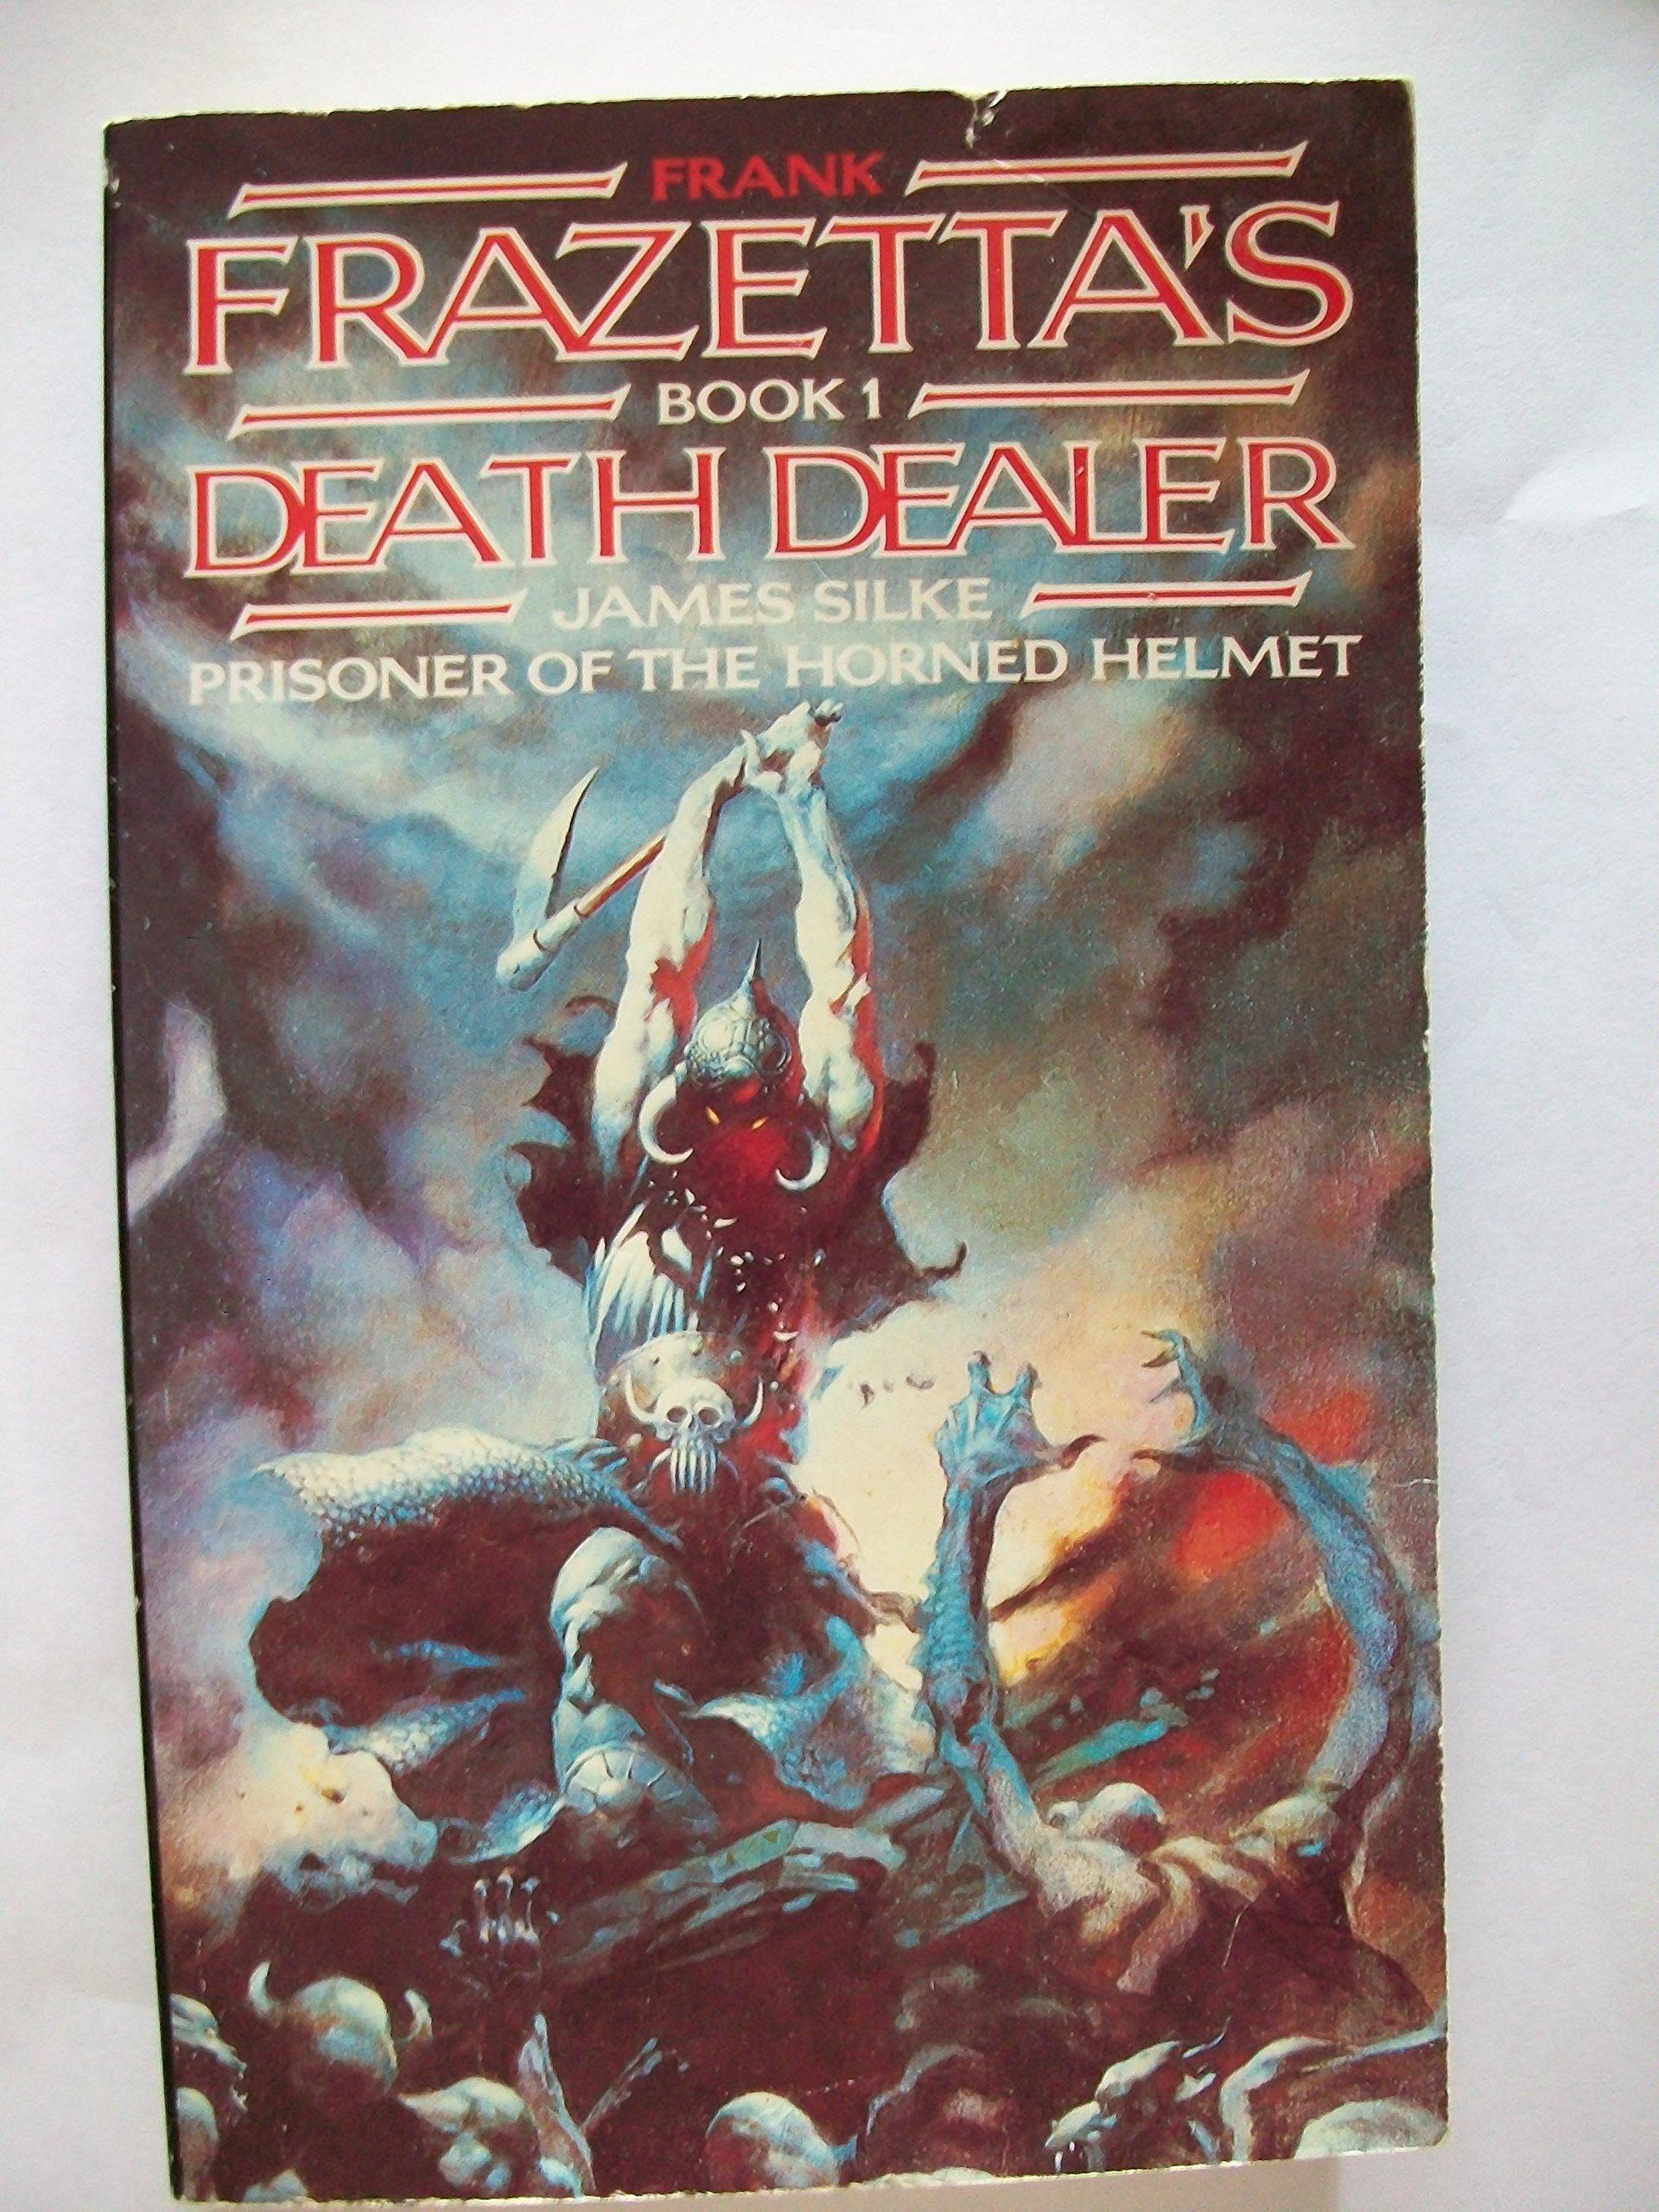 Prisoner of the Horned Helmet (Frank Frazetta's death dealer series):  Amazon.co.uk: James Silke: 9780586070178: Books